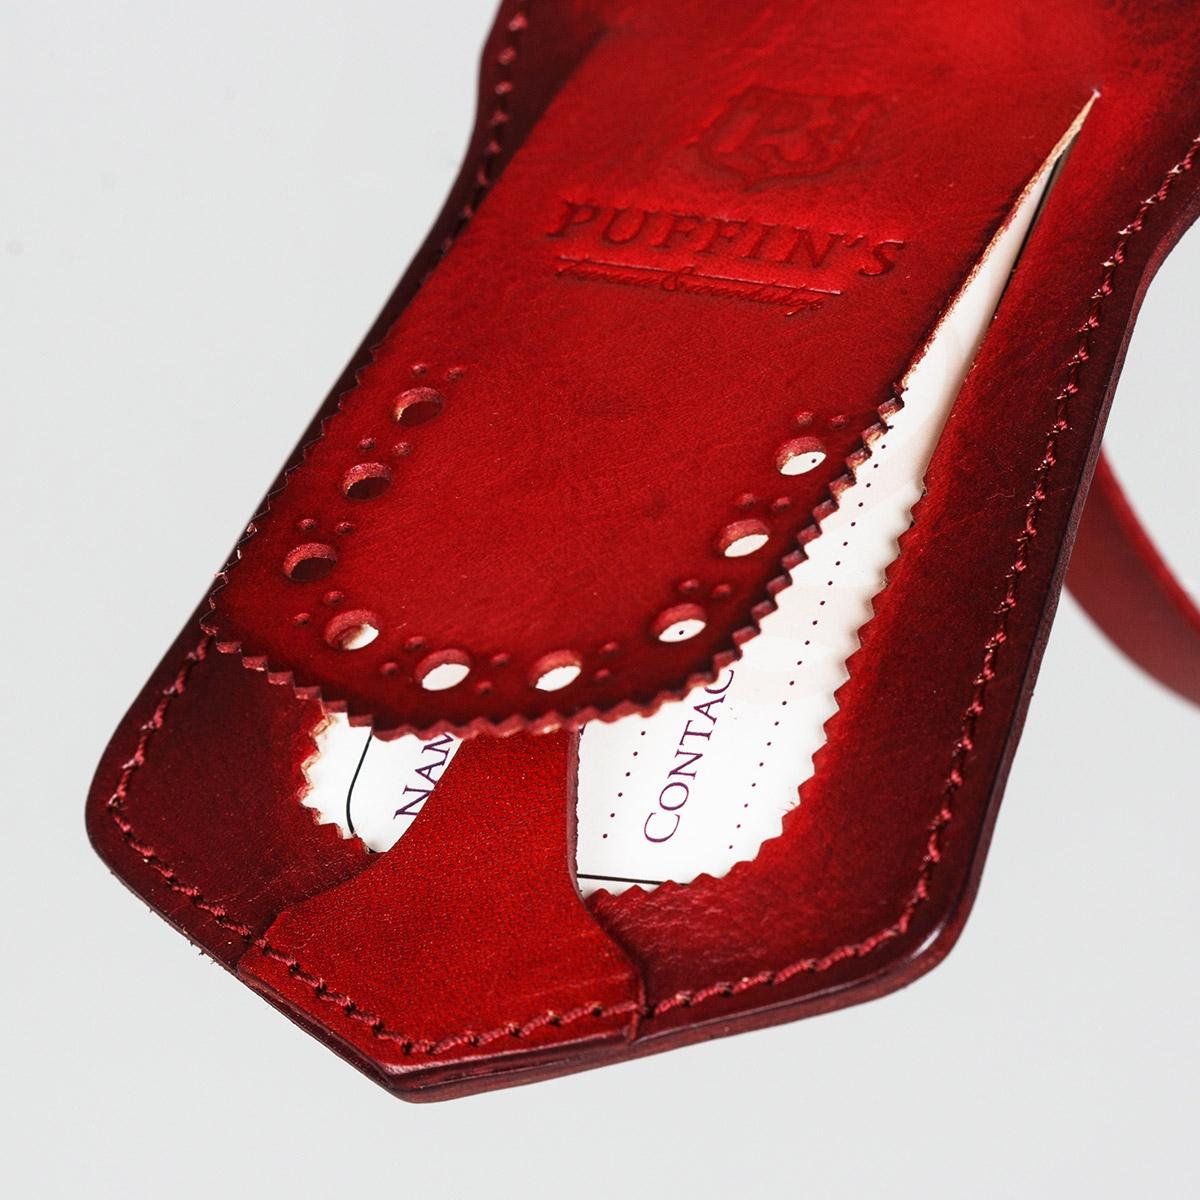 Багажный ярлык TAVARUA персонализированный с патиной красная смородина